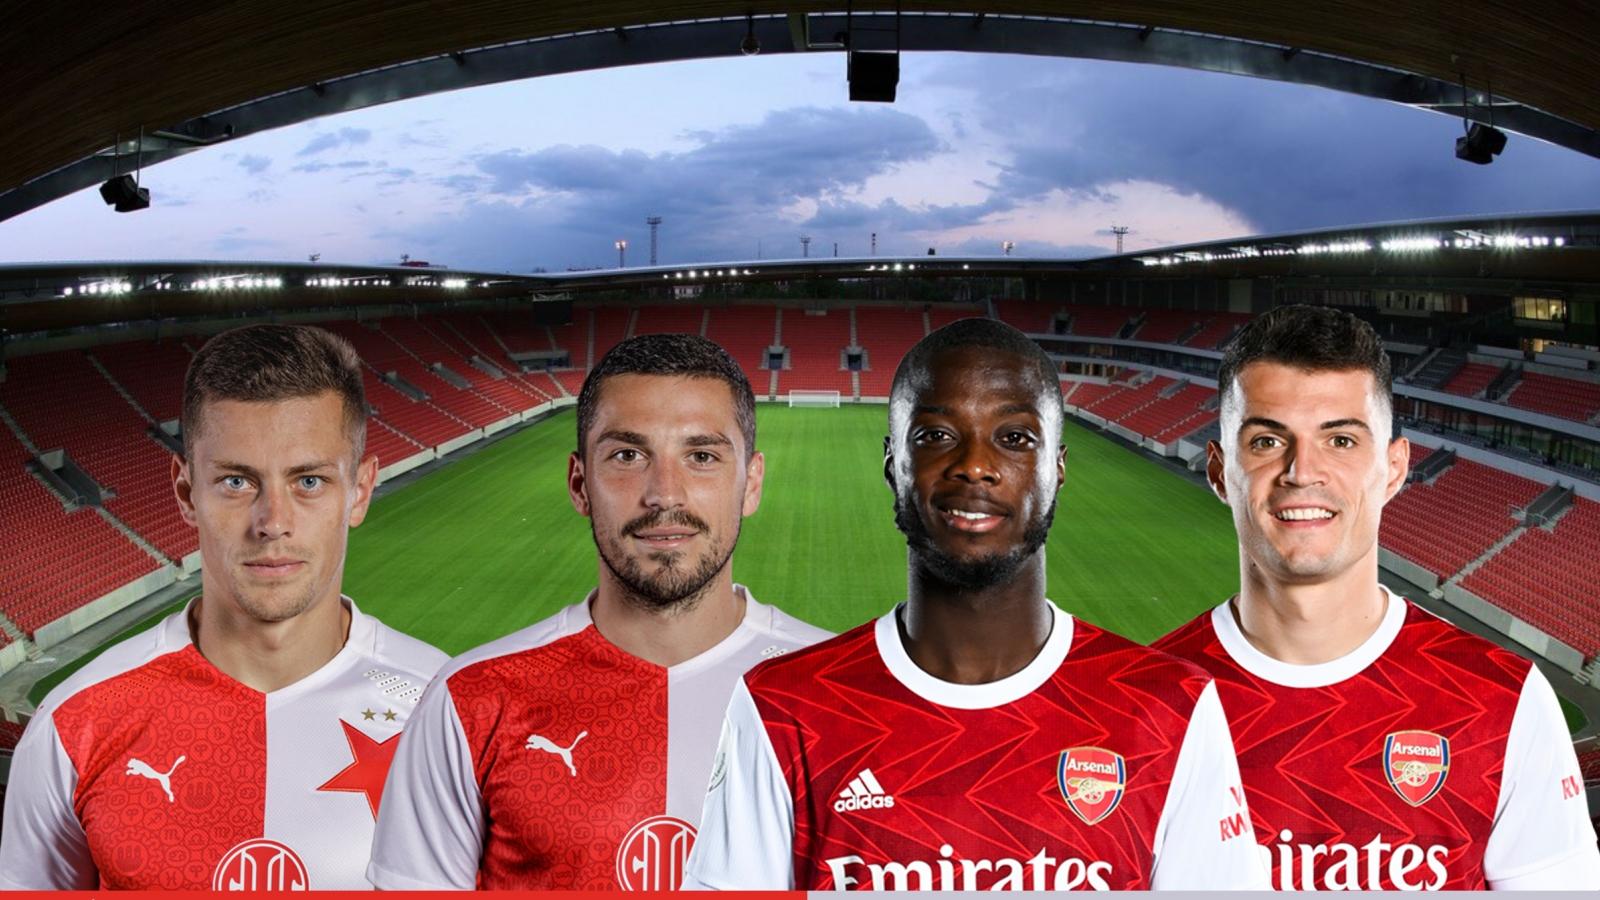 Dự đoán tỷ số, đội hình xuất phát trận Slavia Praha - Arsenal